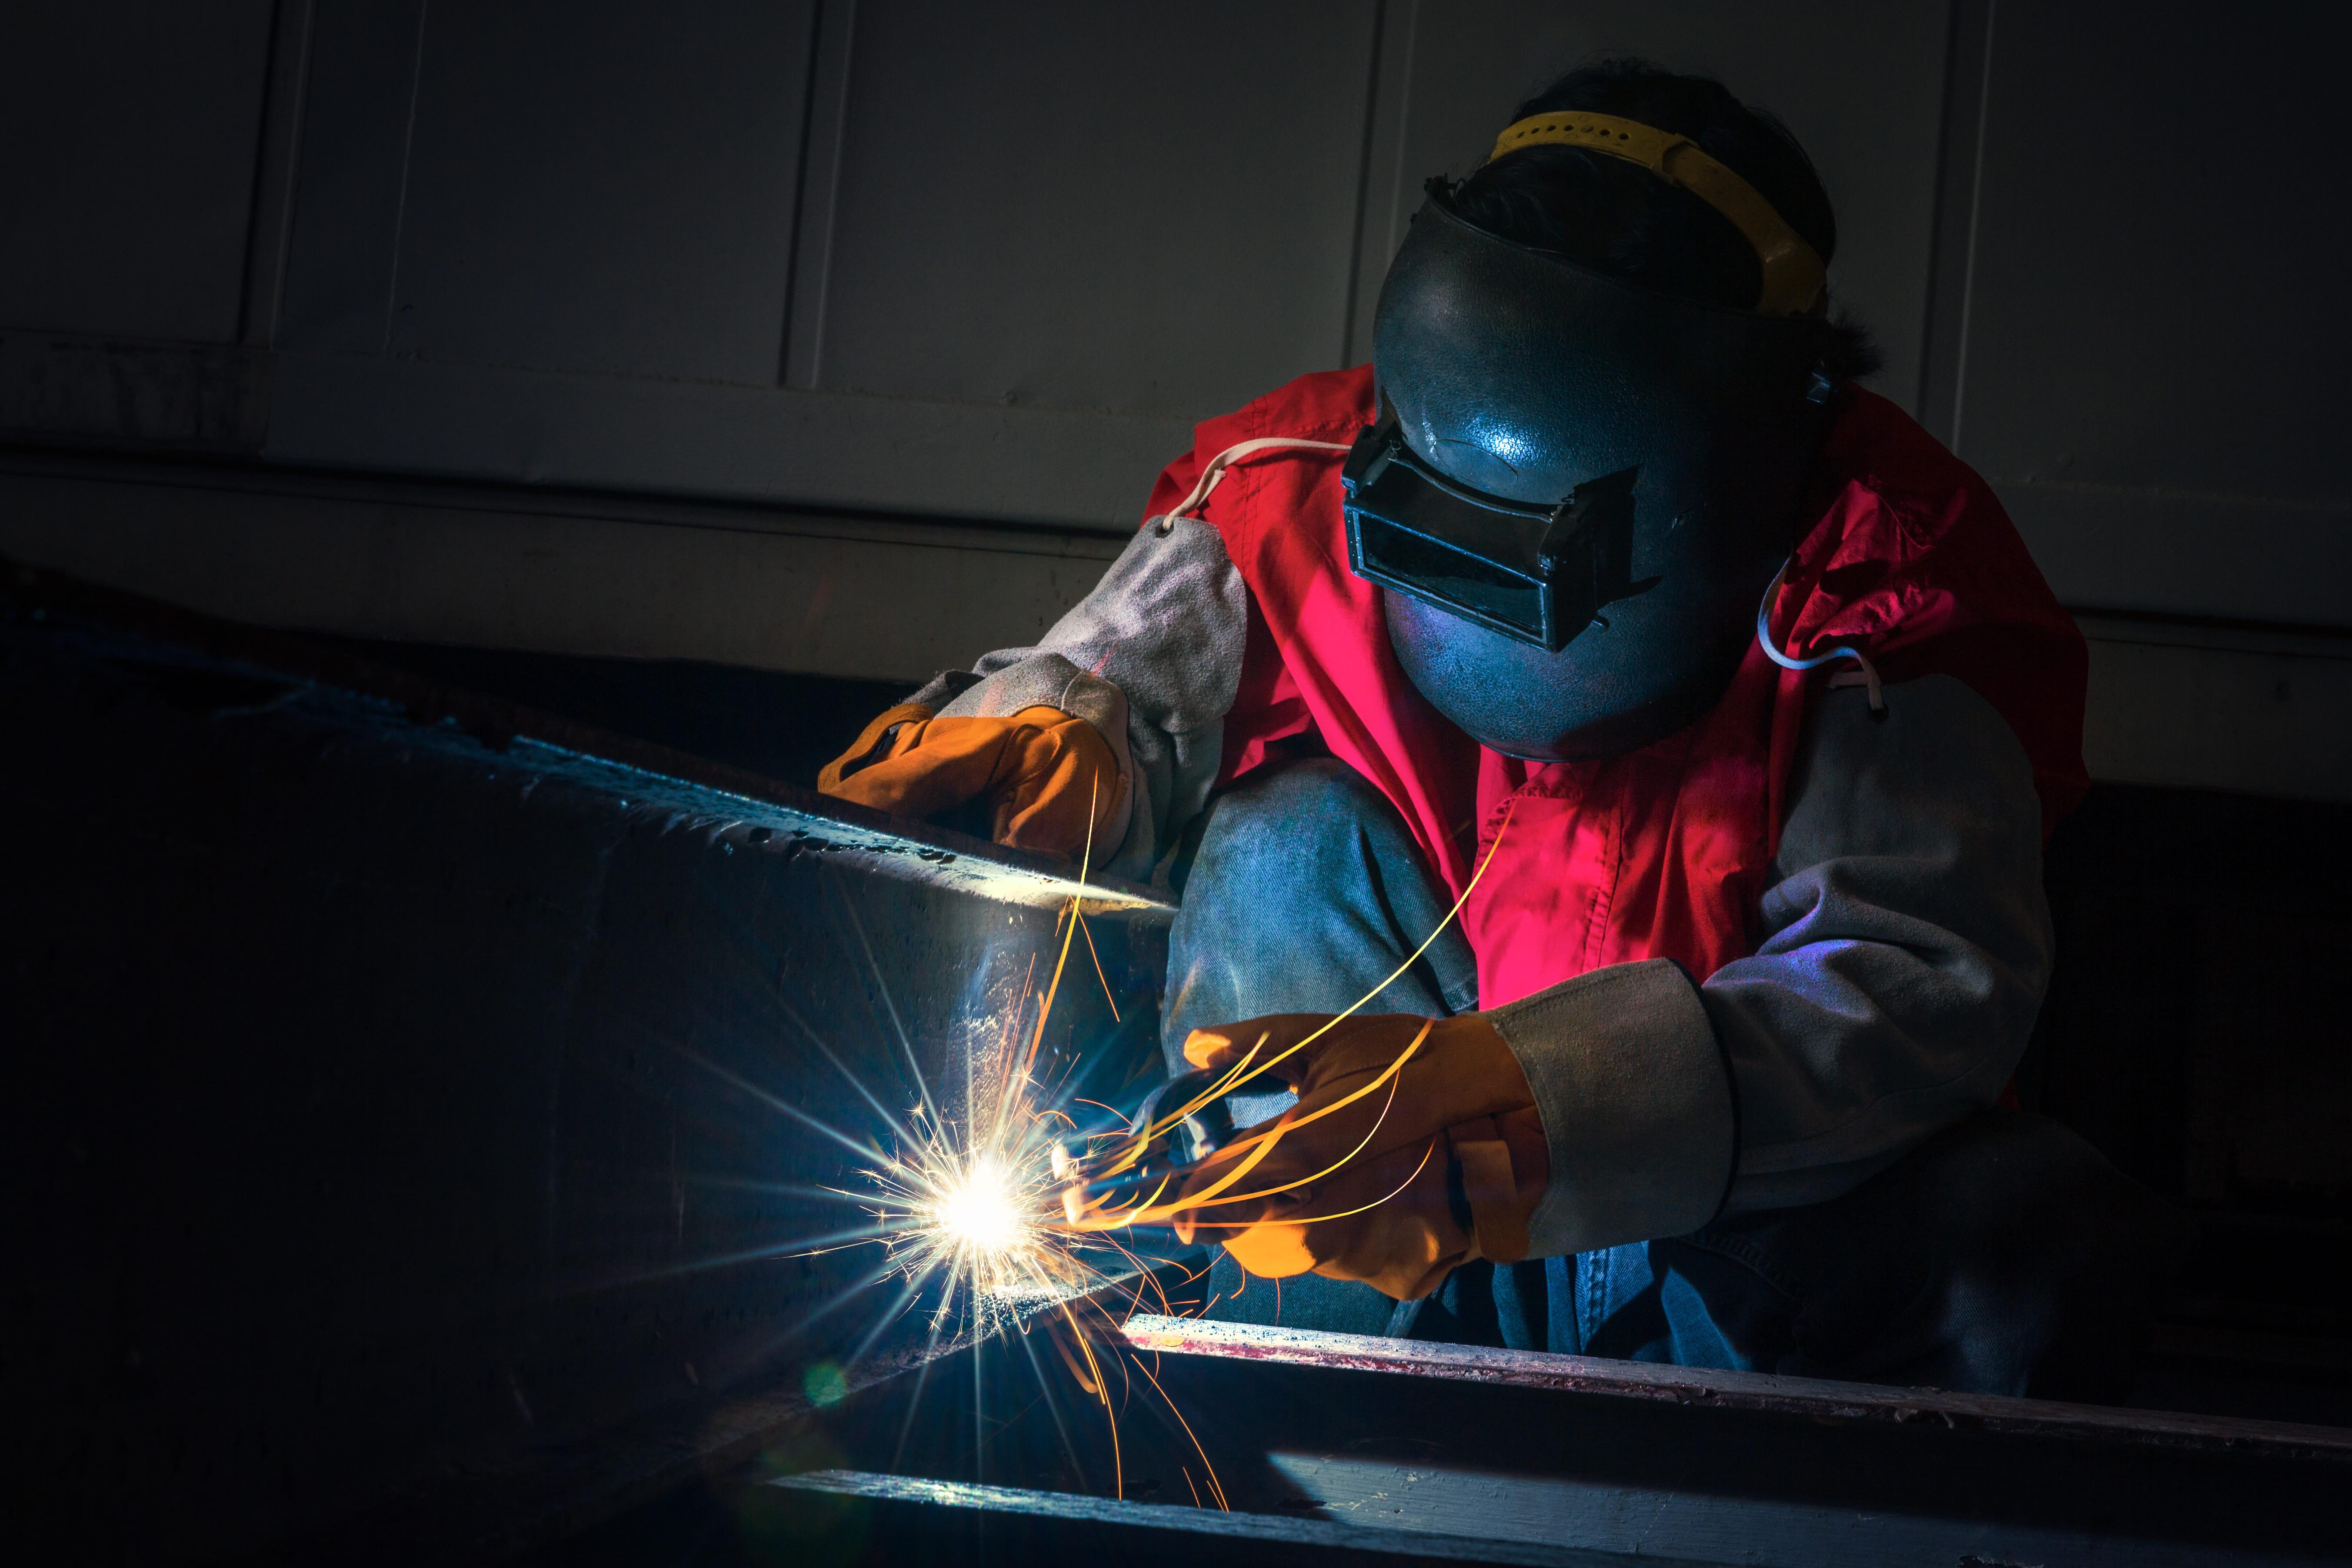 Imagem de um profissional trabalhando em um projeto depois que ele decidiu abrir uma serralheria